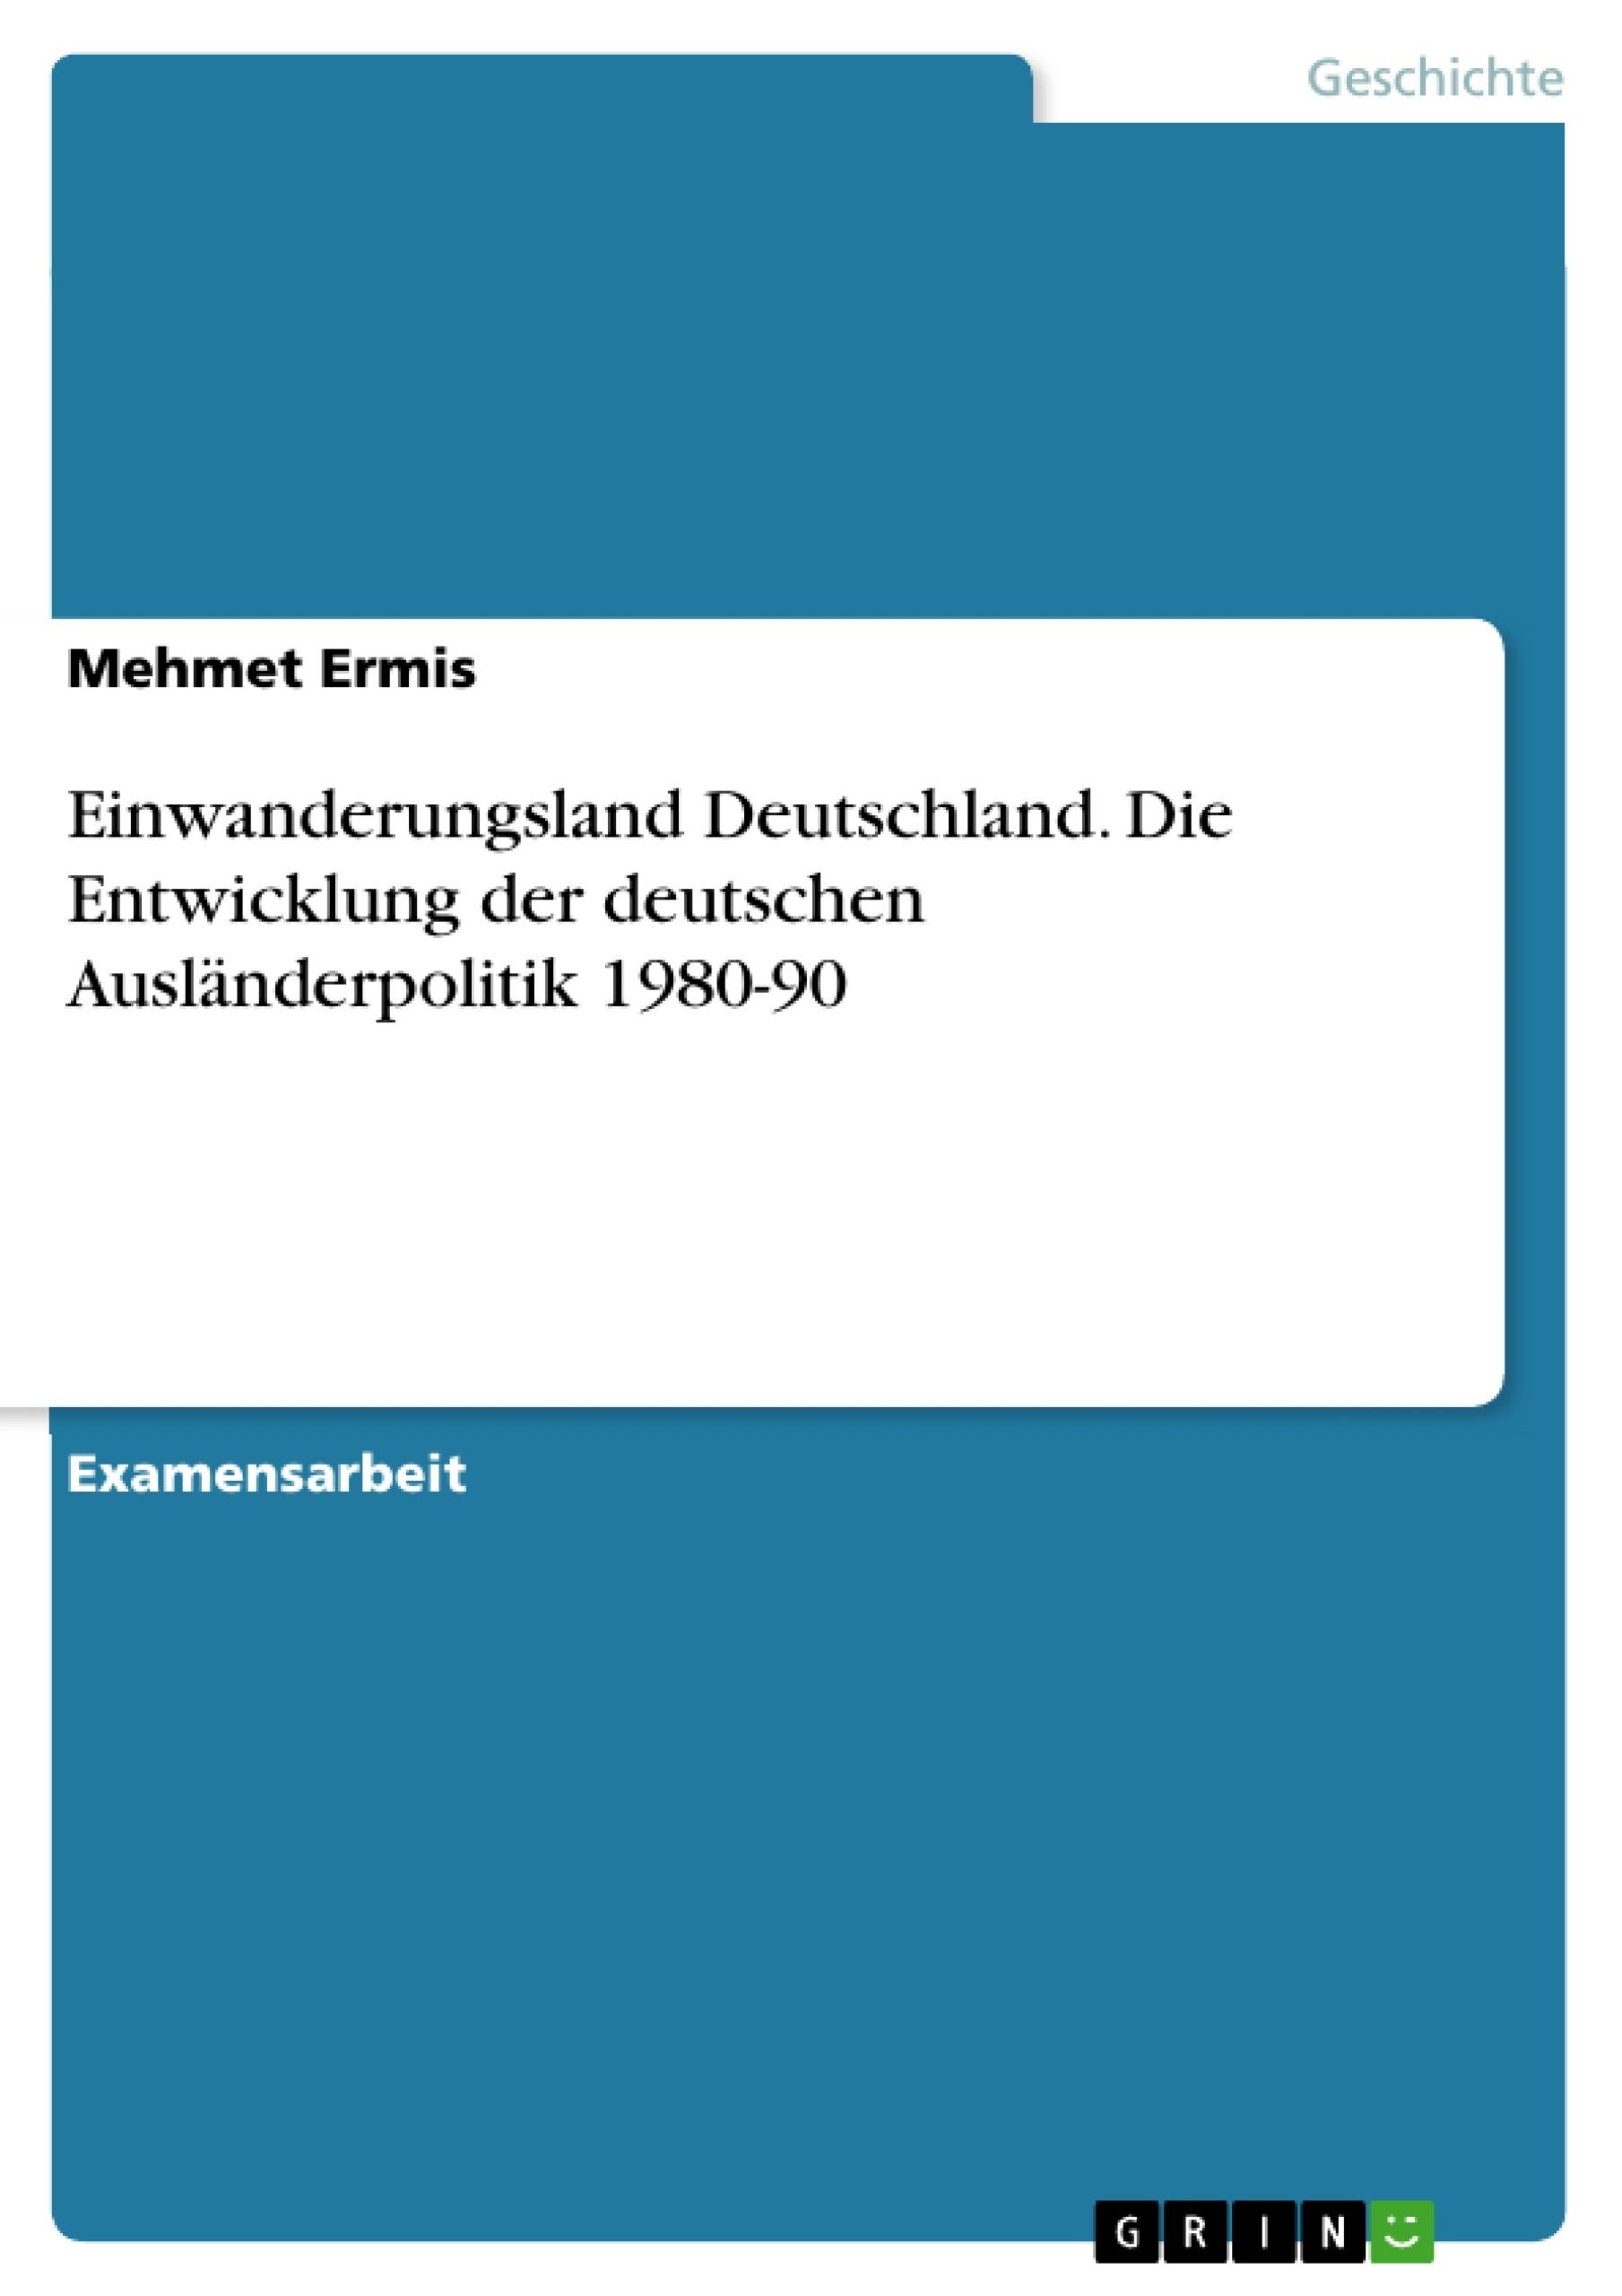 Titel: Einwanderungsland Deutschland. Die Entwicklung der deutschen Ausländerpolitik 1980-90